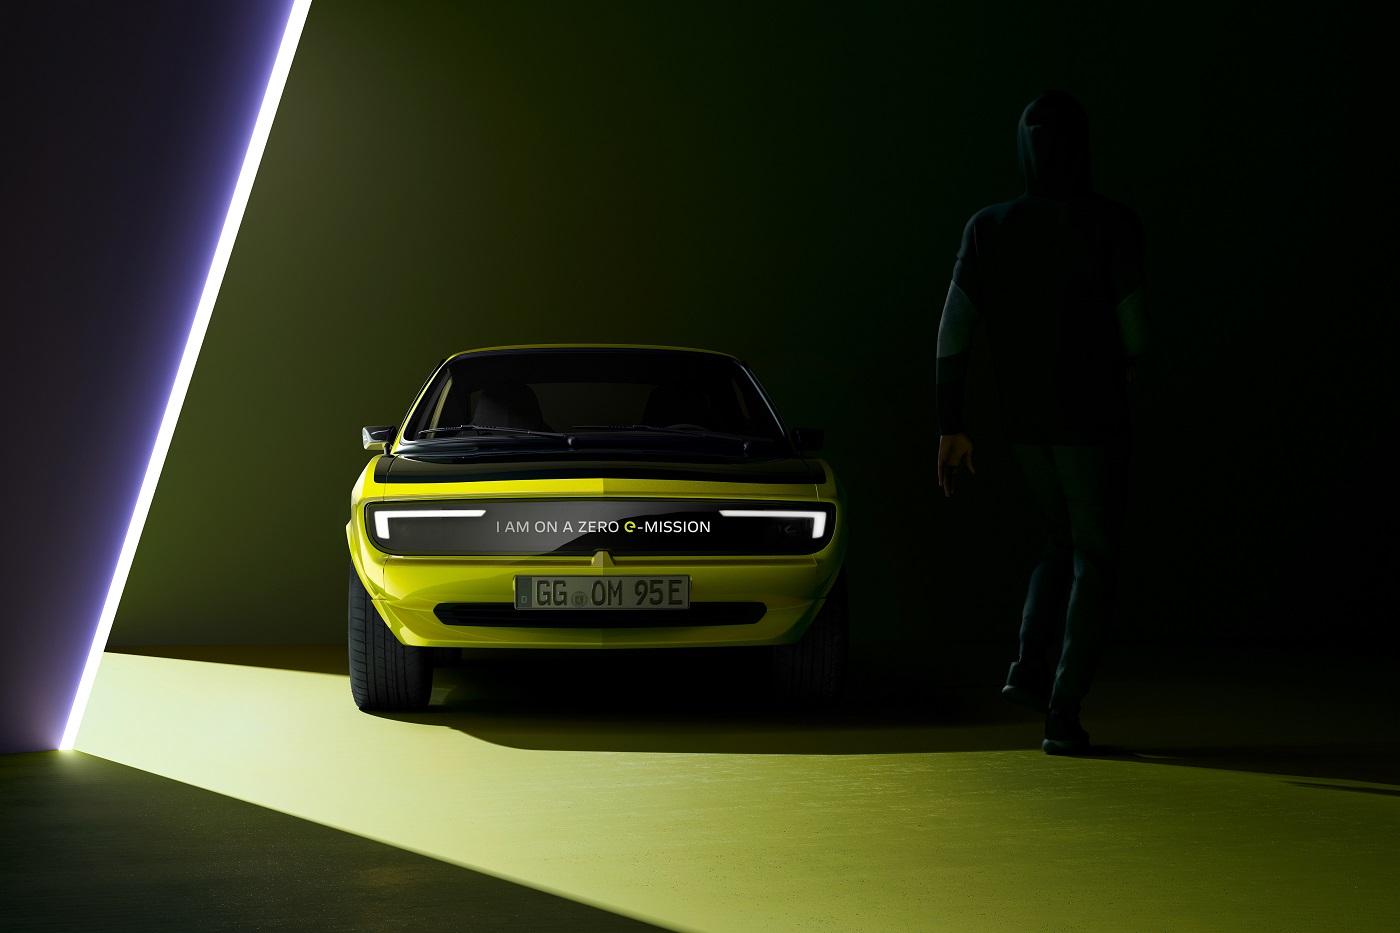 Легендарна Opel Manta повертається – зустрічайте електричне спорткупе в стилі ретро